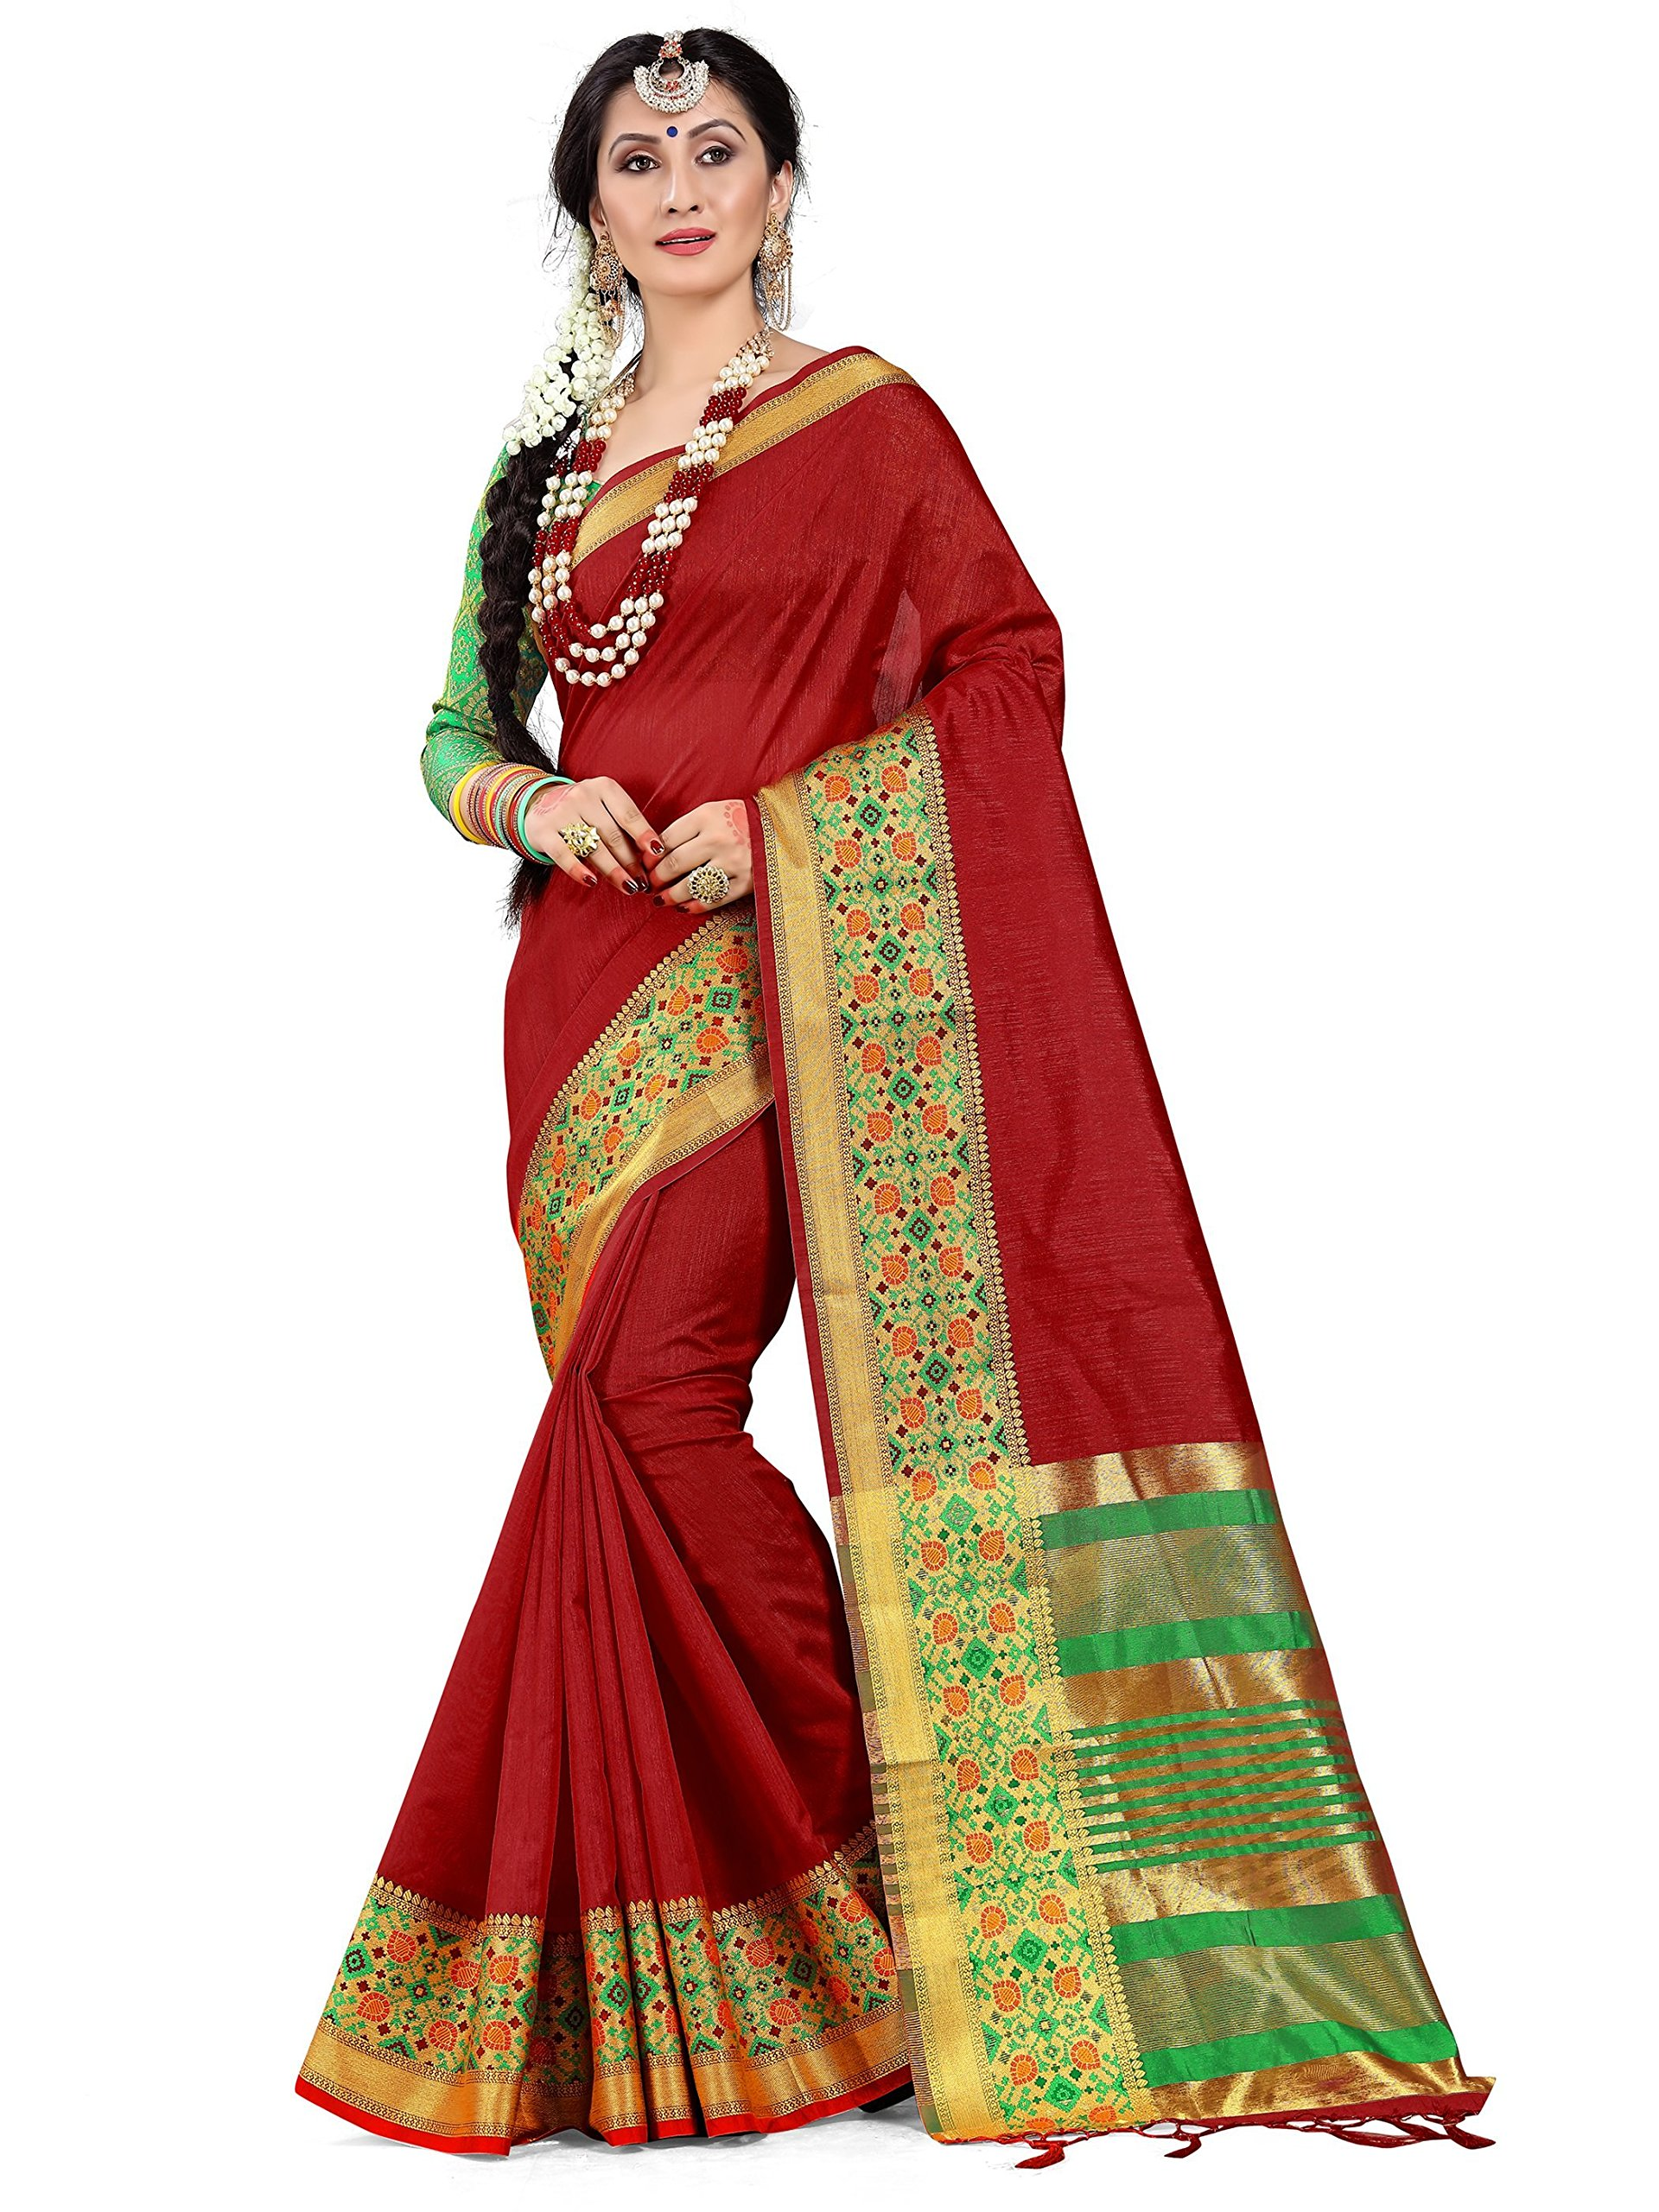 ELINA FASHION Sarees Women Cotton Silk Woven Saree l Indian Wedding Gift Sari Unstitched Blouse